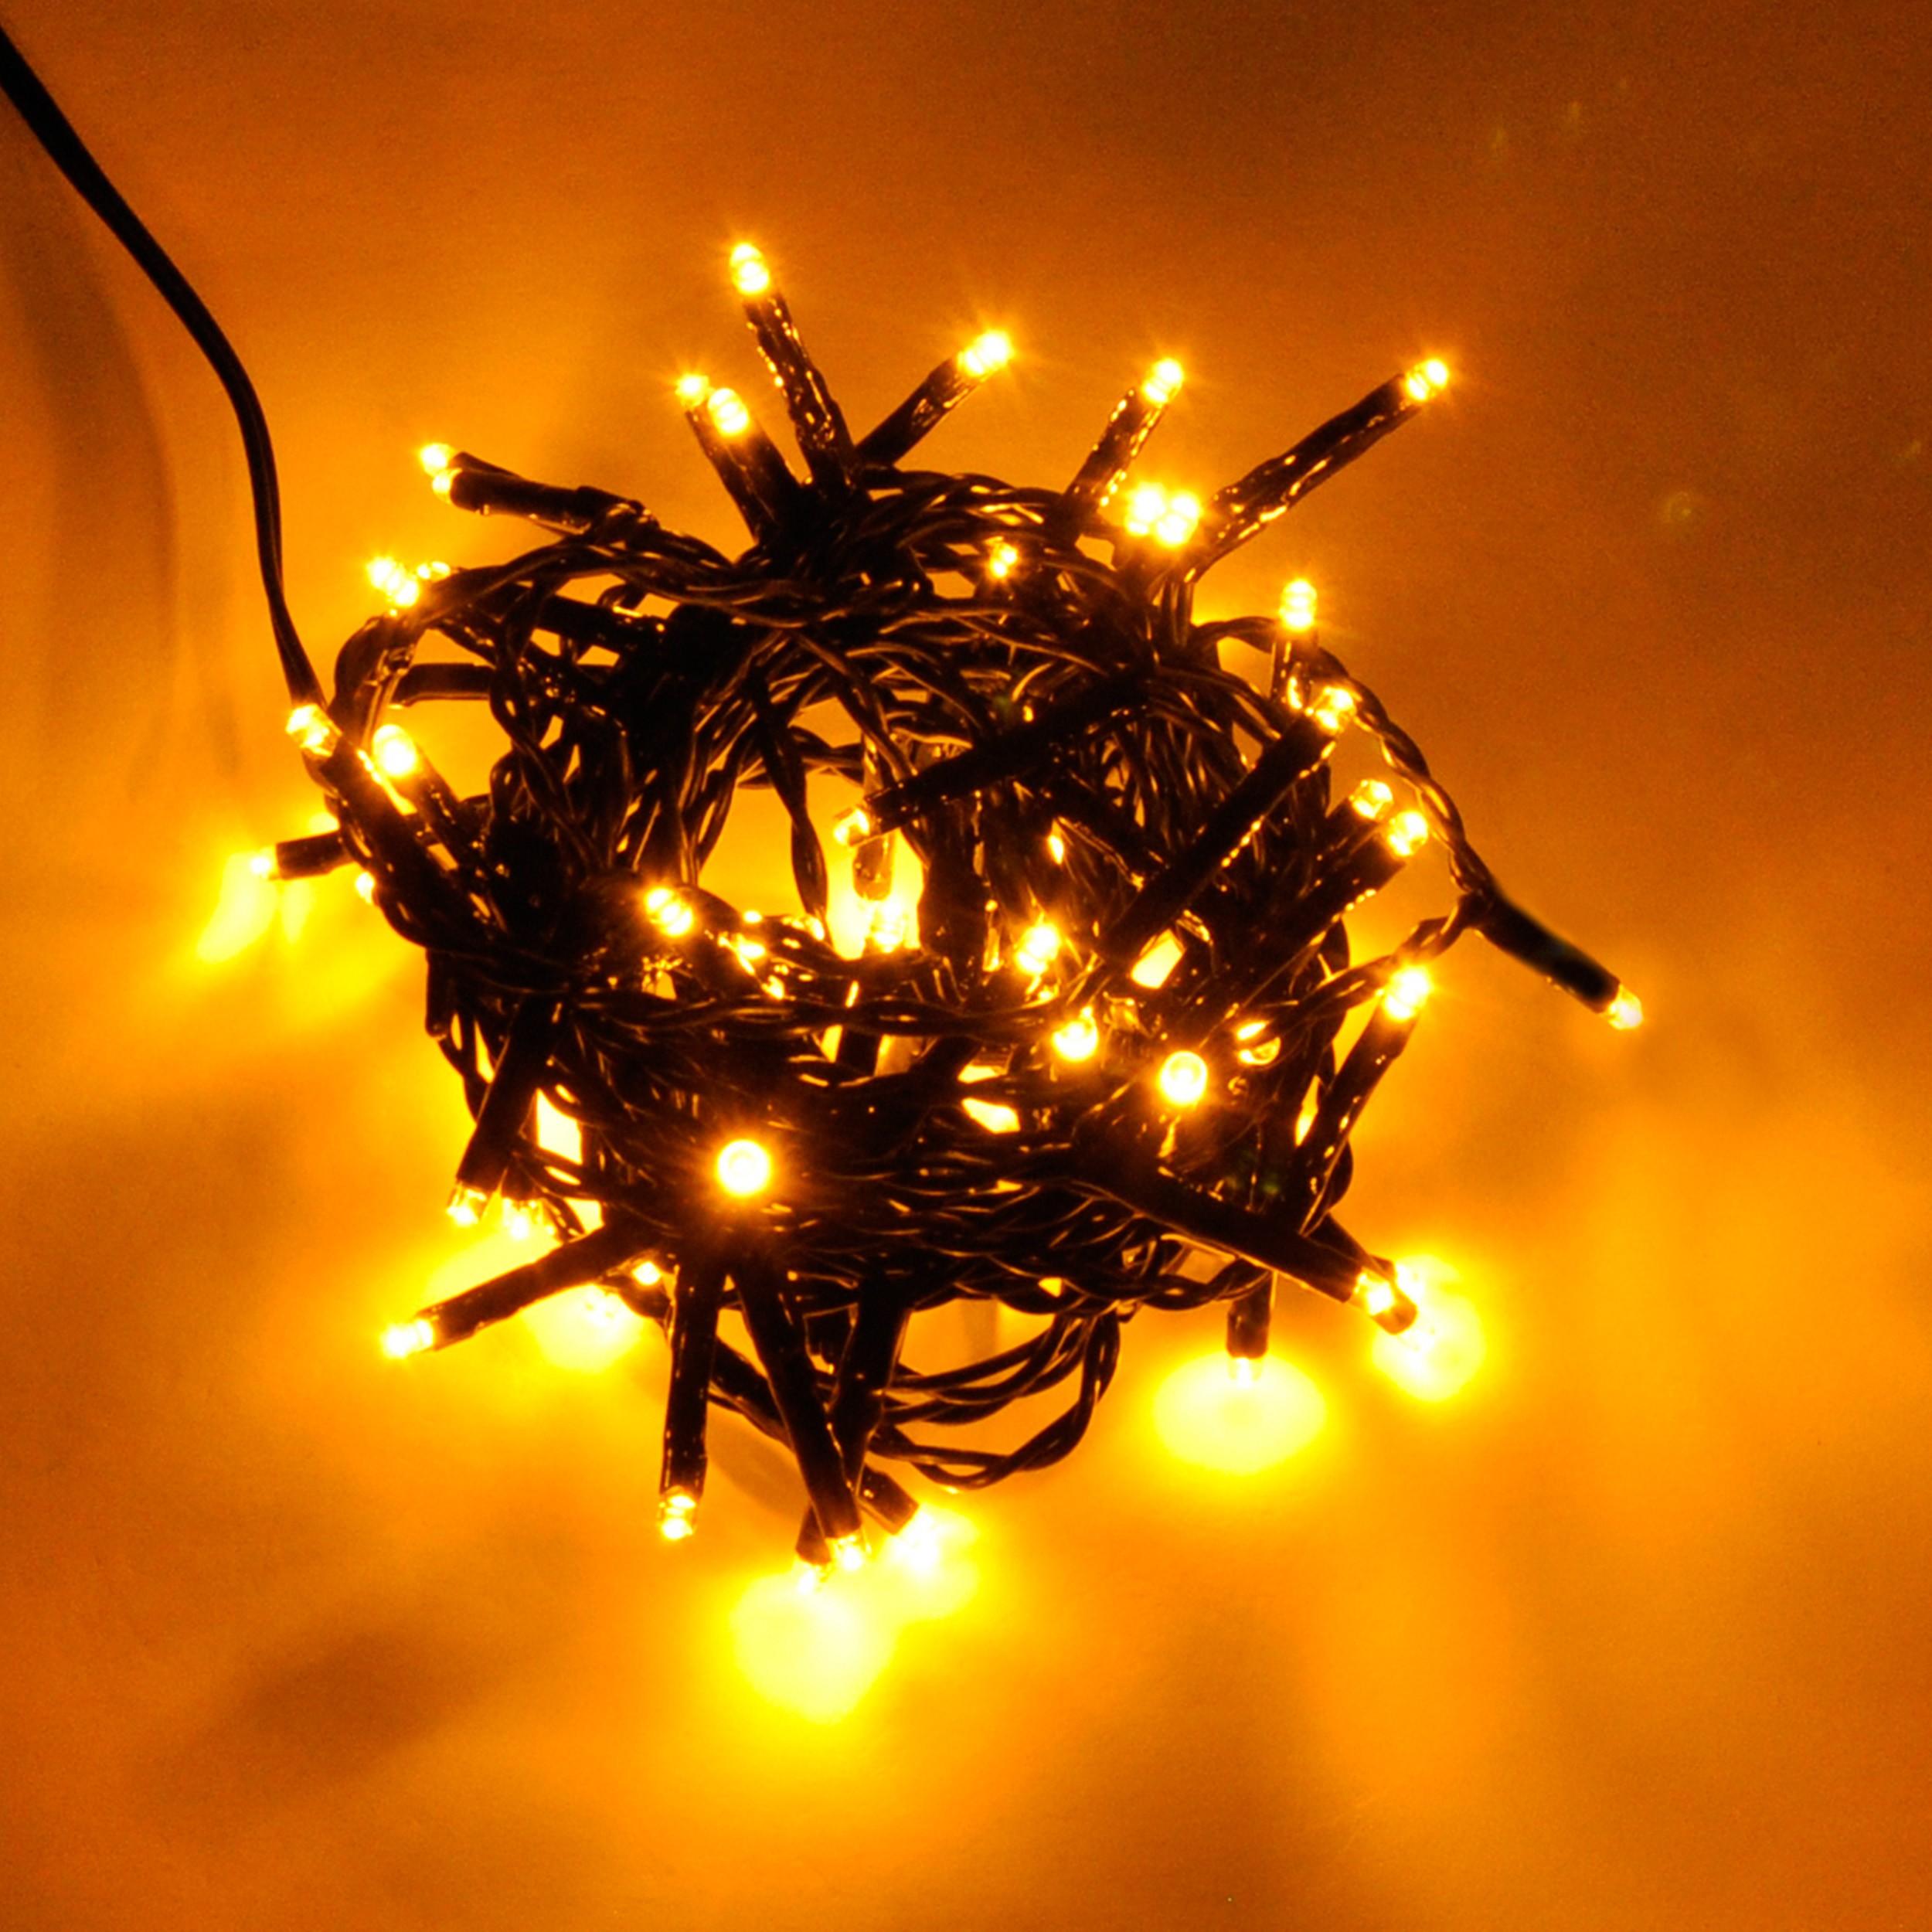 led-batterielichterkette-outdoor-timer-batteriebetrieben-golden-warmweiss Spannende Led Lichterketten Mit Batterie Dekorationen